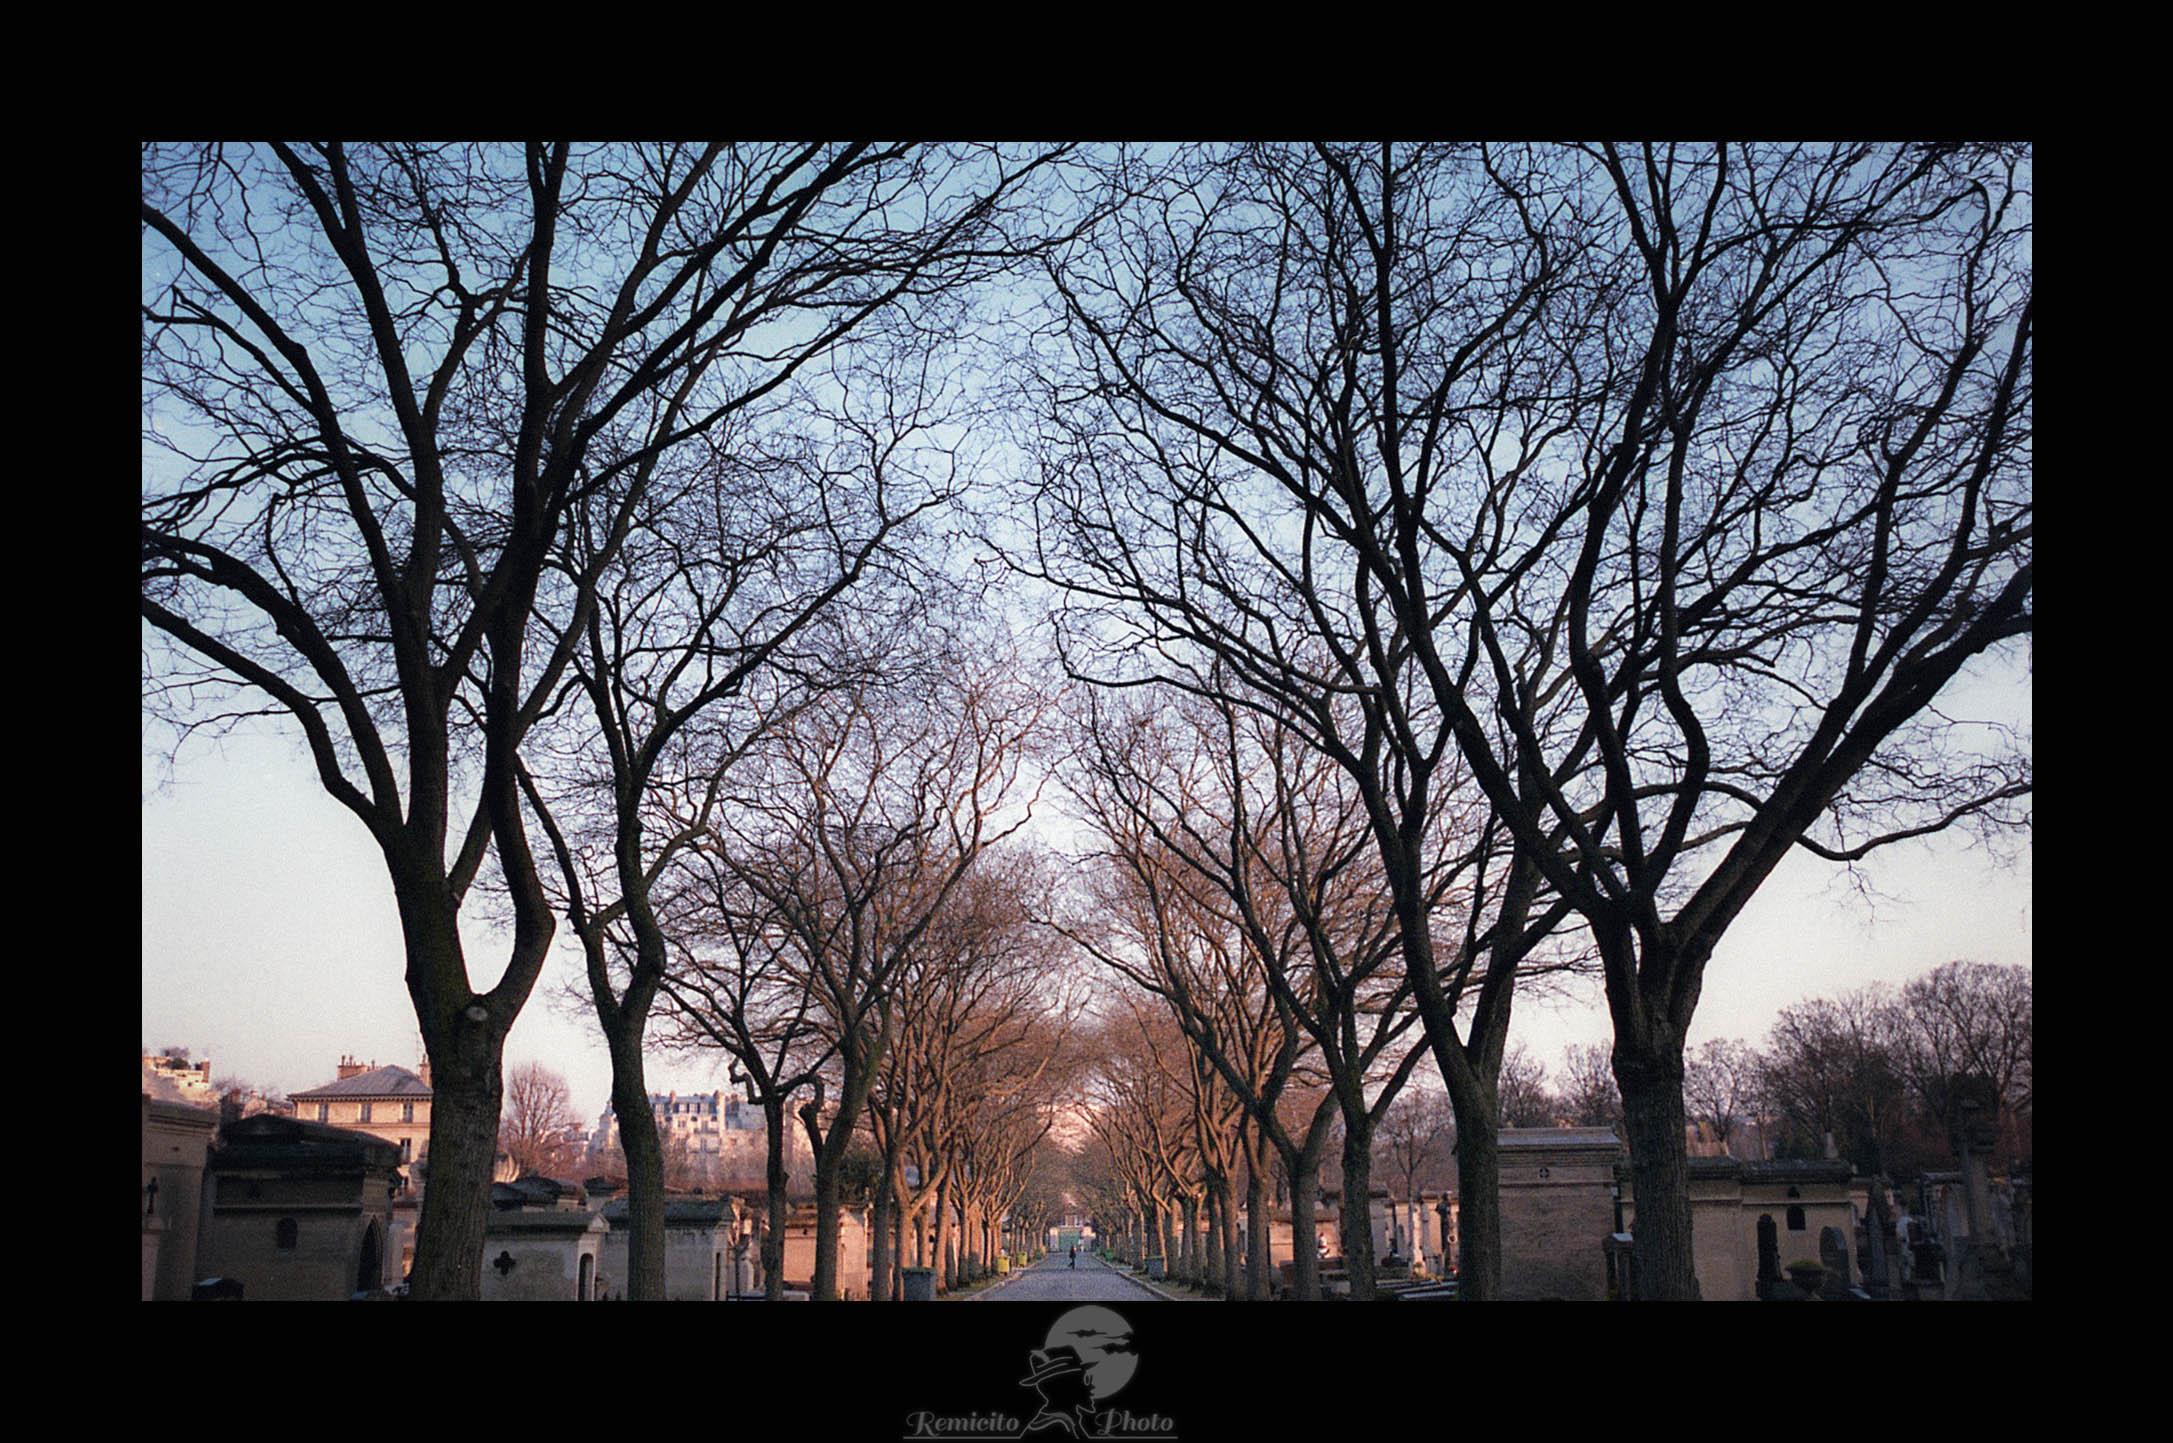 remicito photo, image du jour, photo du jour, photo of the day, photo cimetière, cimetière Montparnasse, cimetière Paris, cementery photo, photographe français, french photographer, fotografo francés, photo argentique, photo paris argentique, film photography, photo coucher de soleil paris, sunset paris